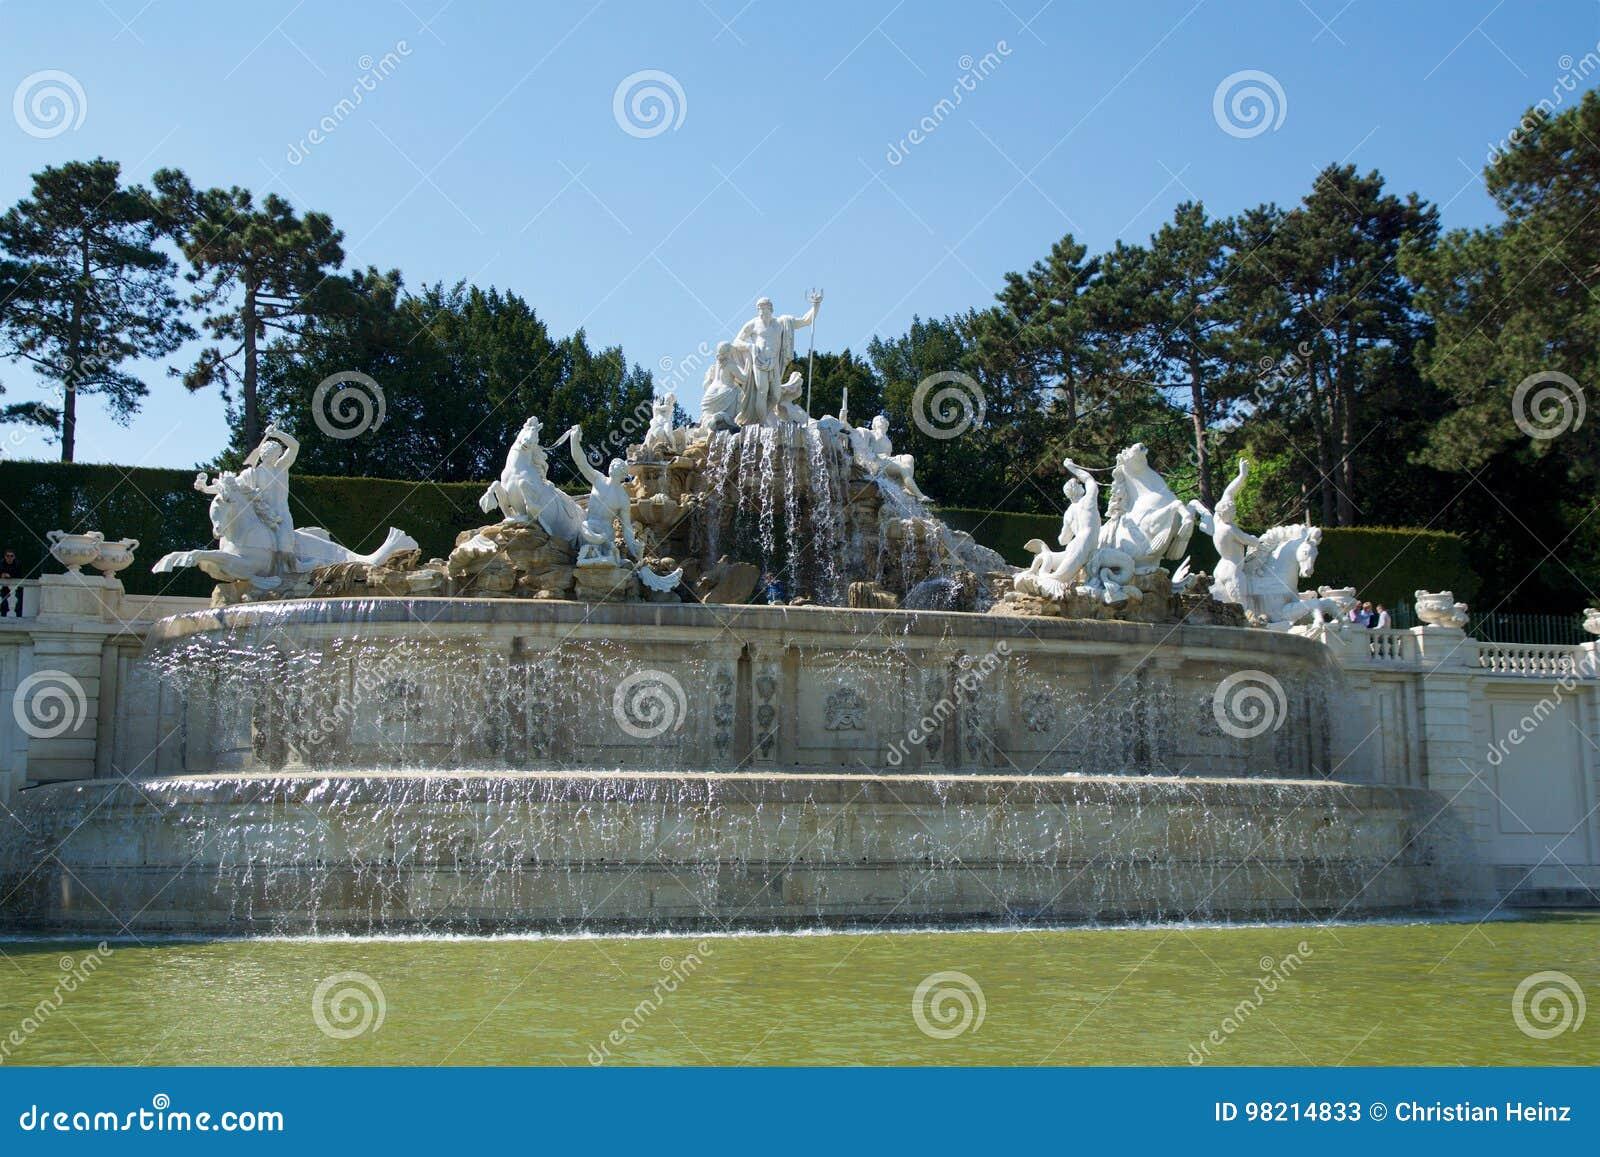 VIENNA, AUSTRIA - 30 aprile 2017: Fontana Neptunbrunnen di Nettuno in grande parterre del parco pubblico di Schoenbrunn